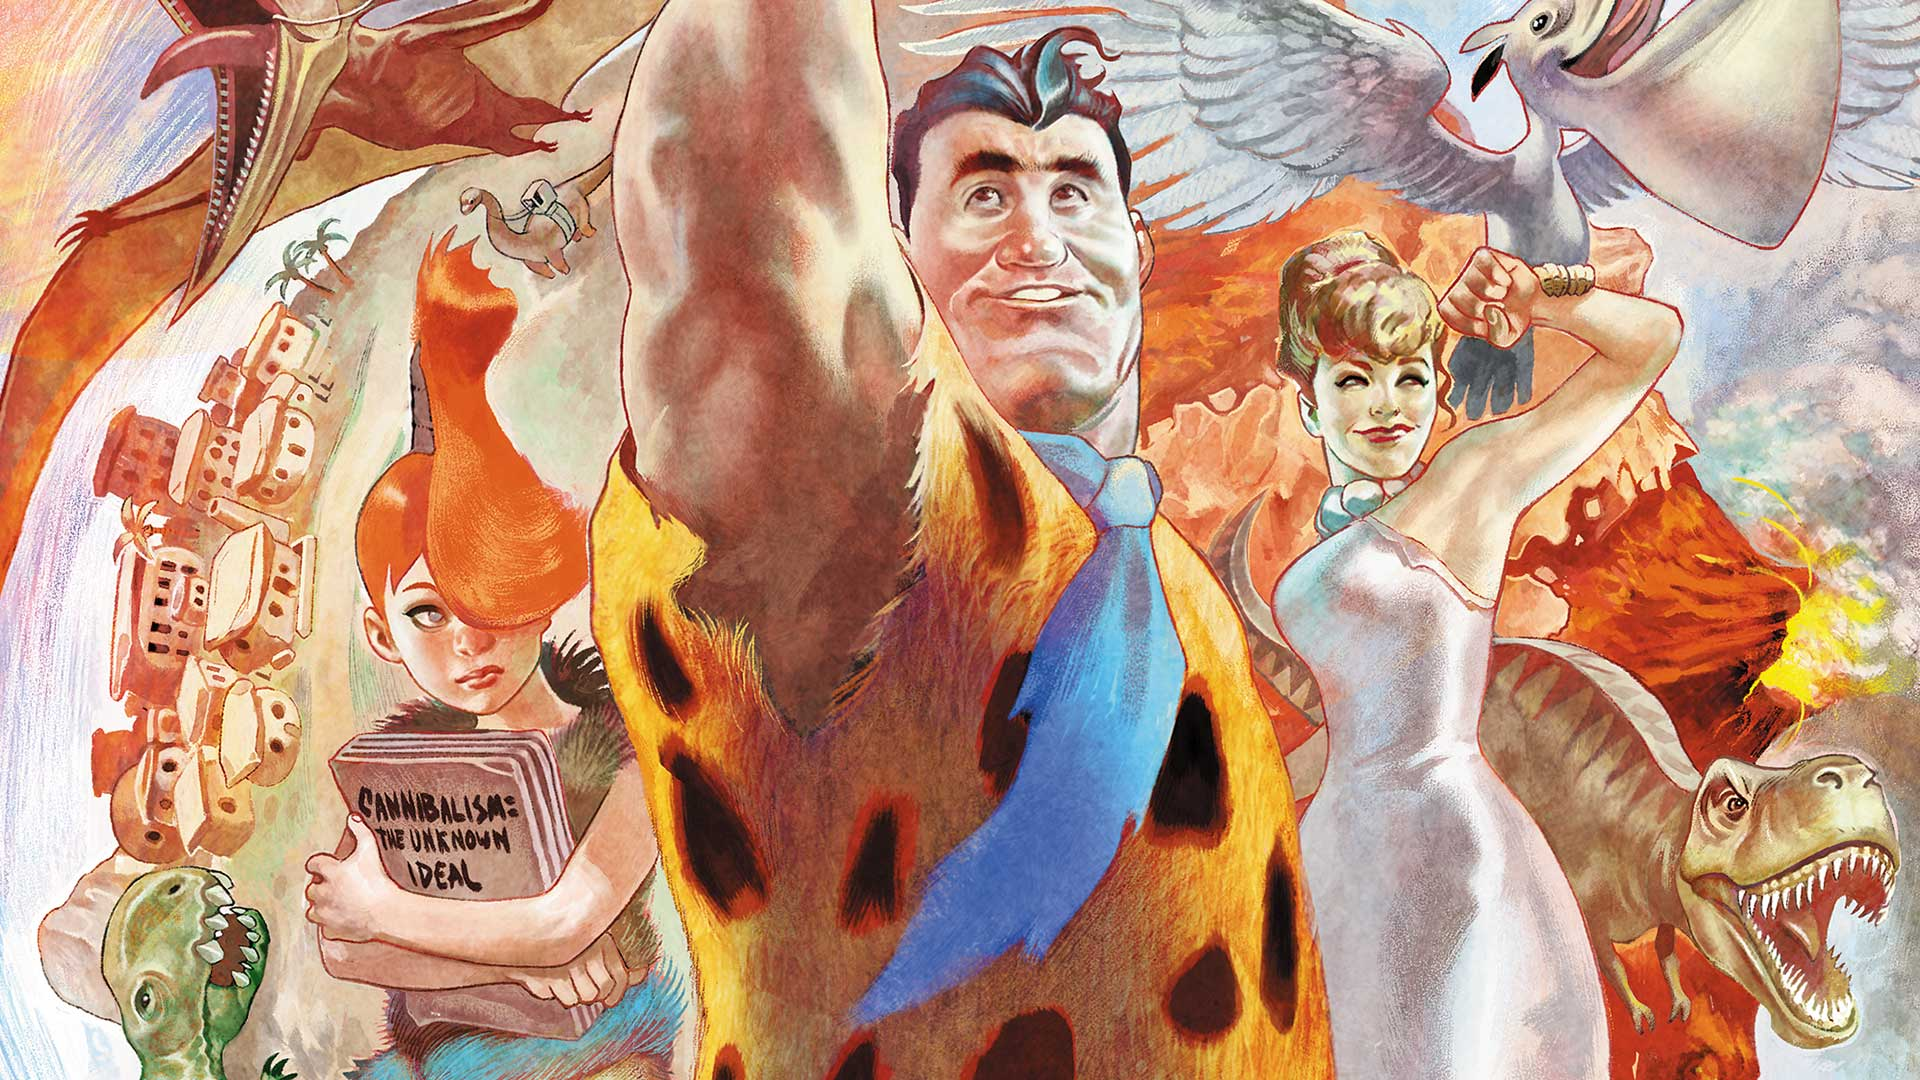 The Flintstones Backgrounds, Compatible - PC, Mobile, Gadgets| 1920x1080 px